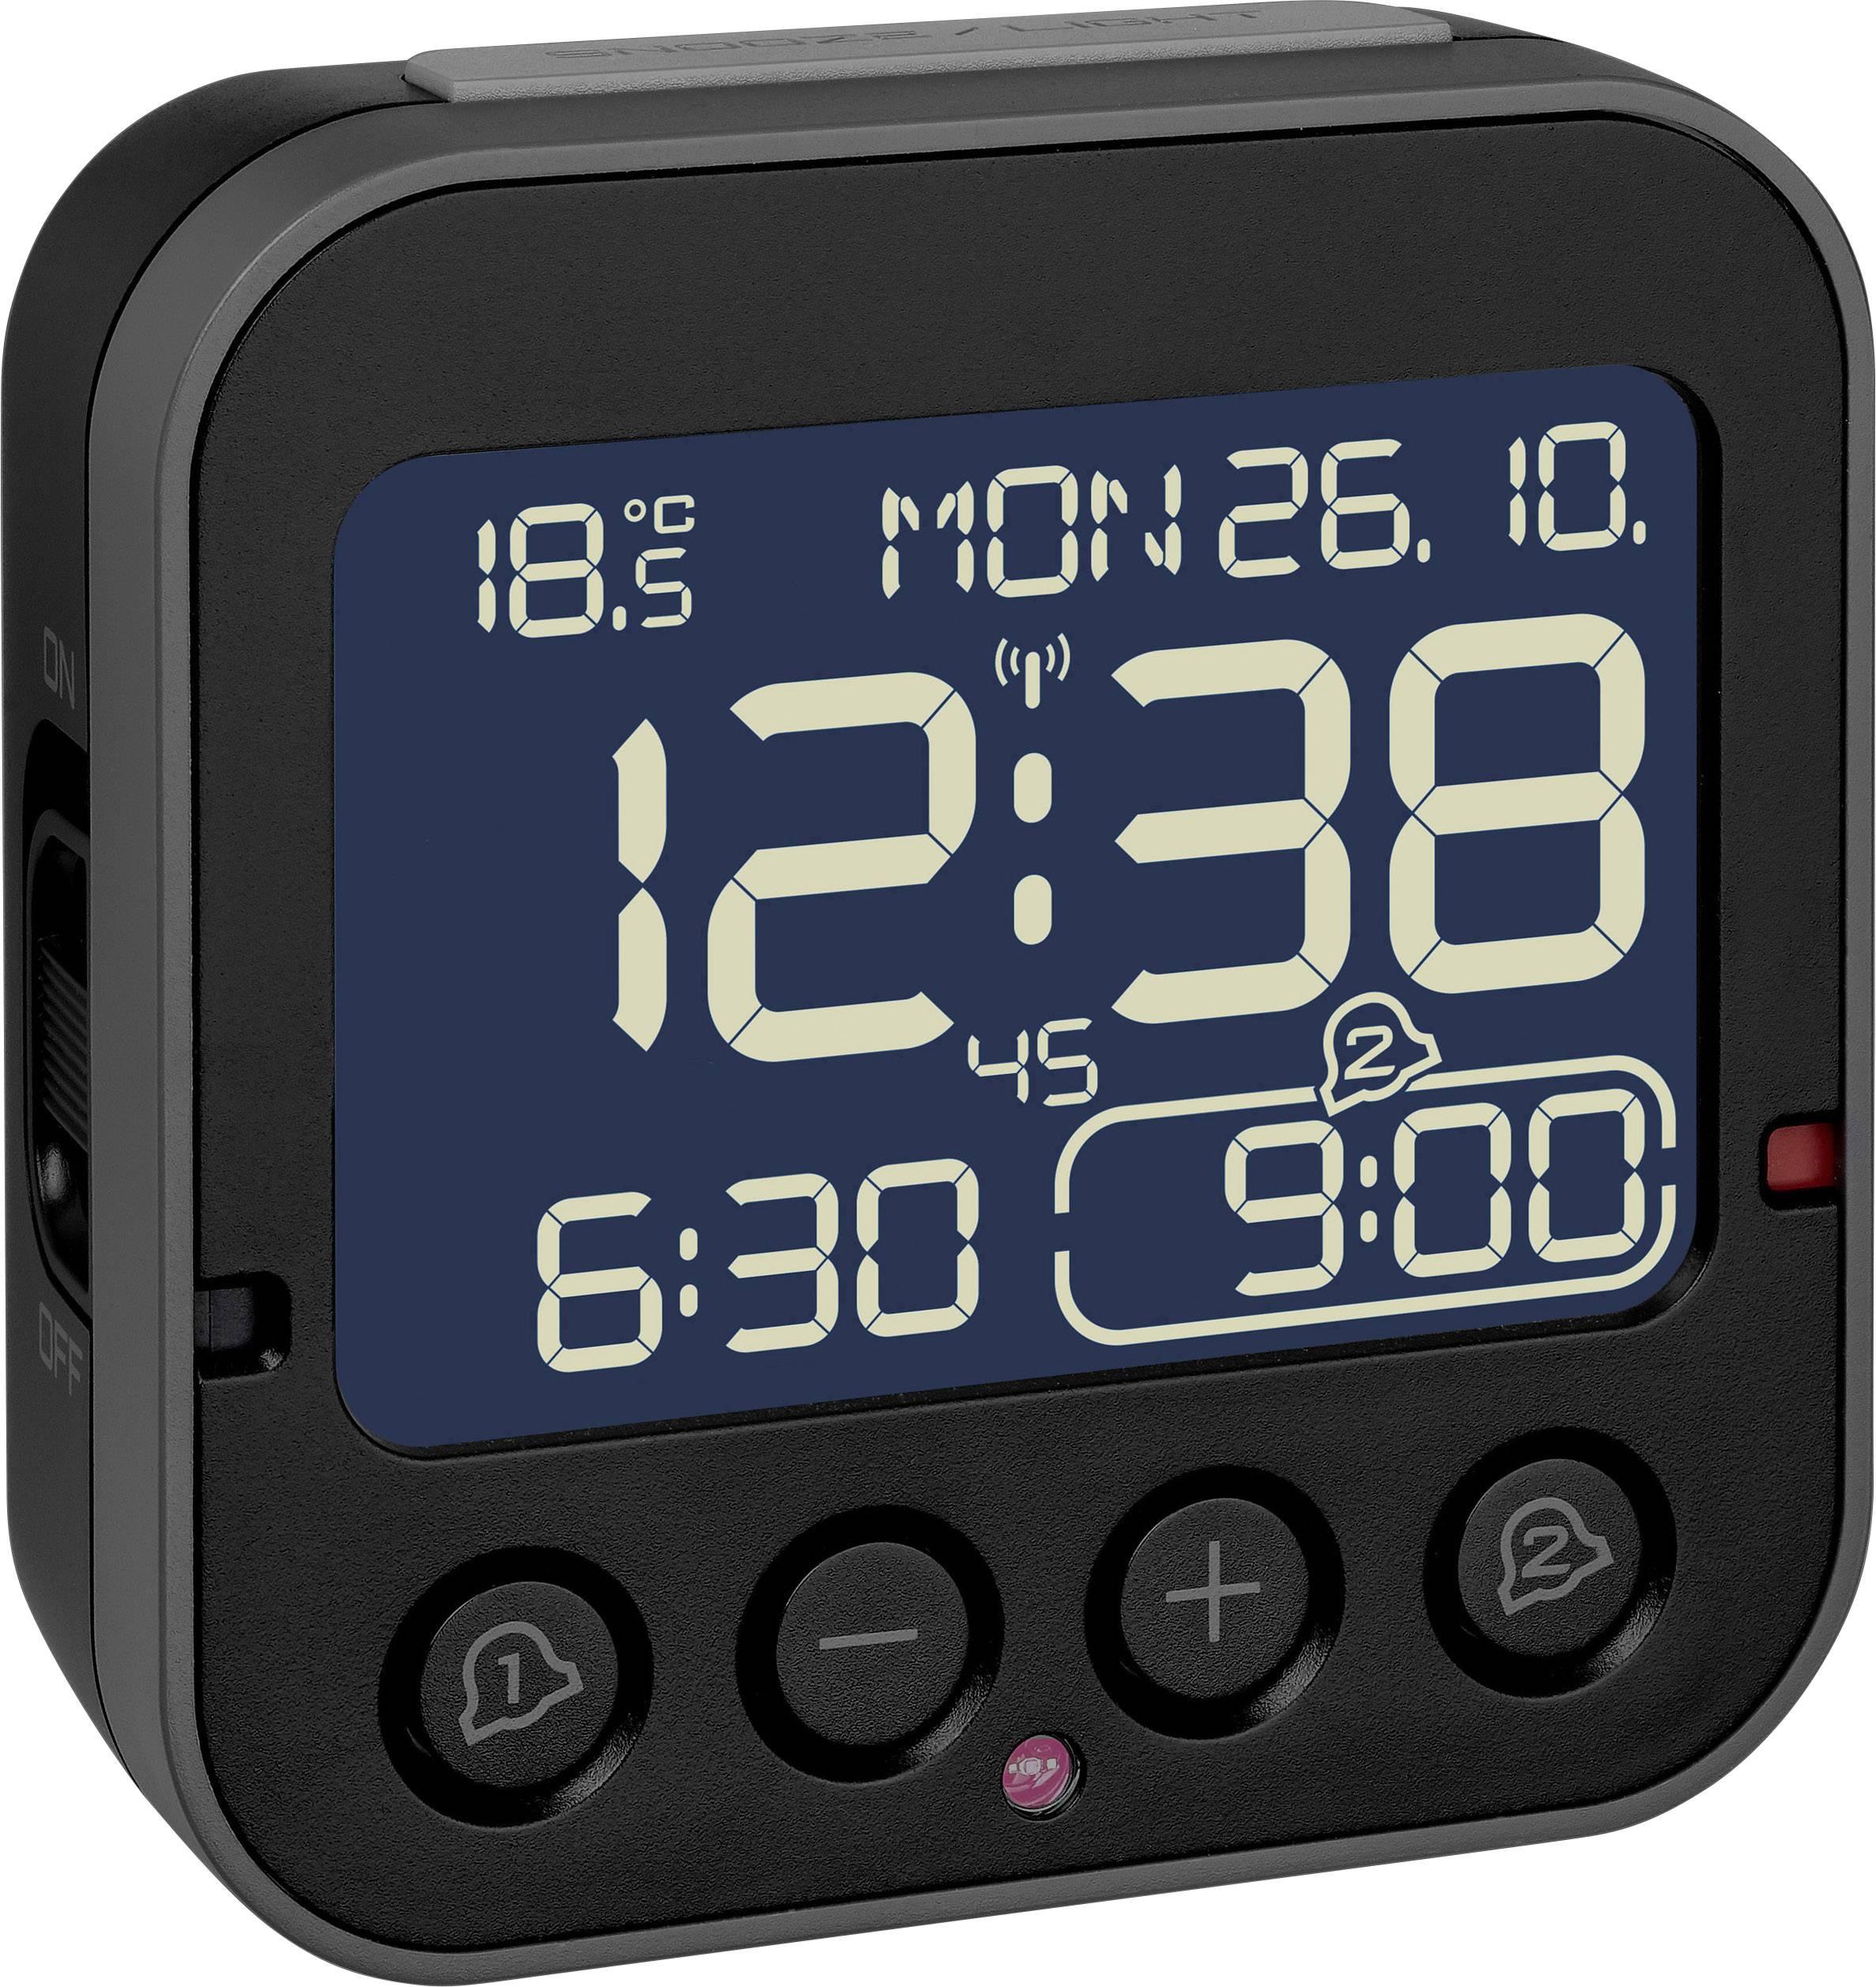 2 2552 Alarmzeiten Tfa Wecker Schwarz 60 01 Funk 8PwNOn0kX